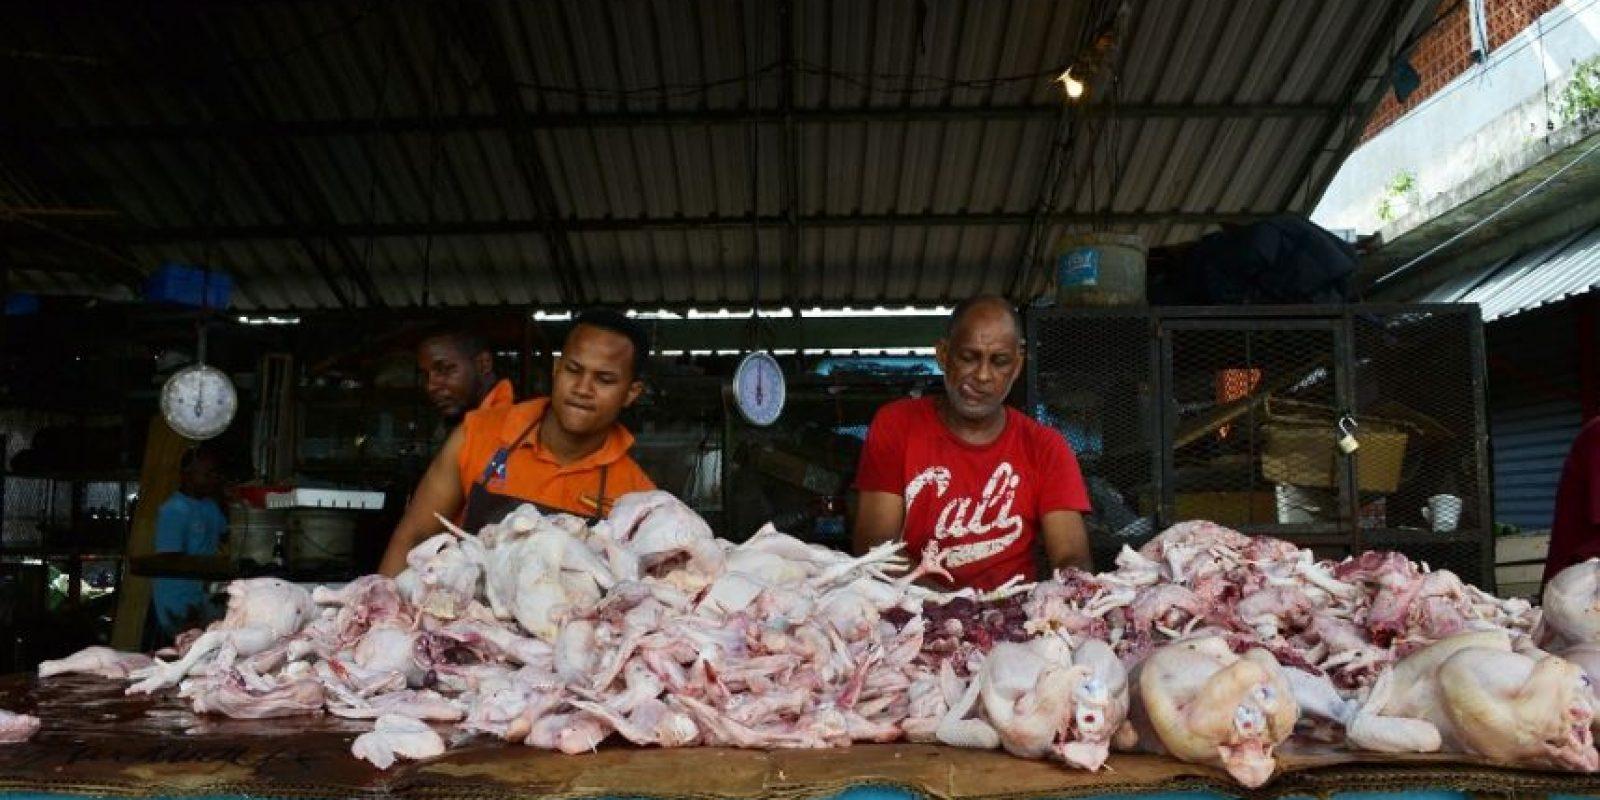 Pollo: 60 pesos cuesta la libra de pollo en el Mercado Modelo de la Avenida Mella, que según los vendedores varía según la calidad del ave